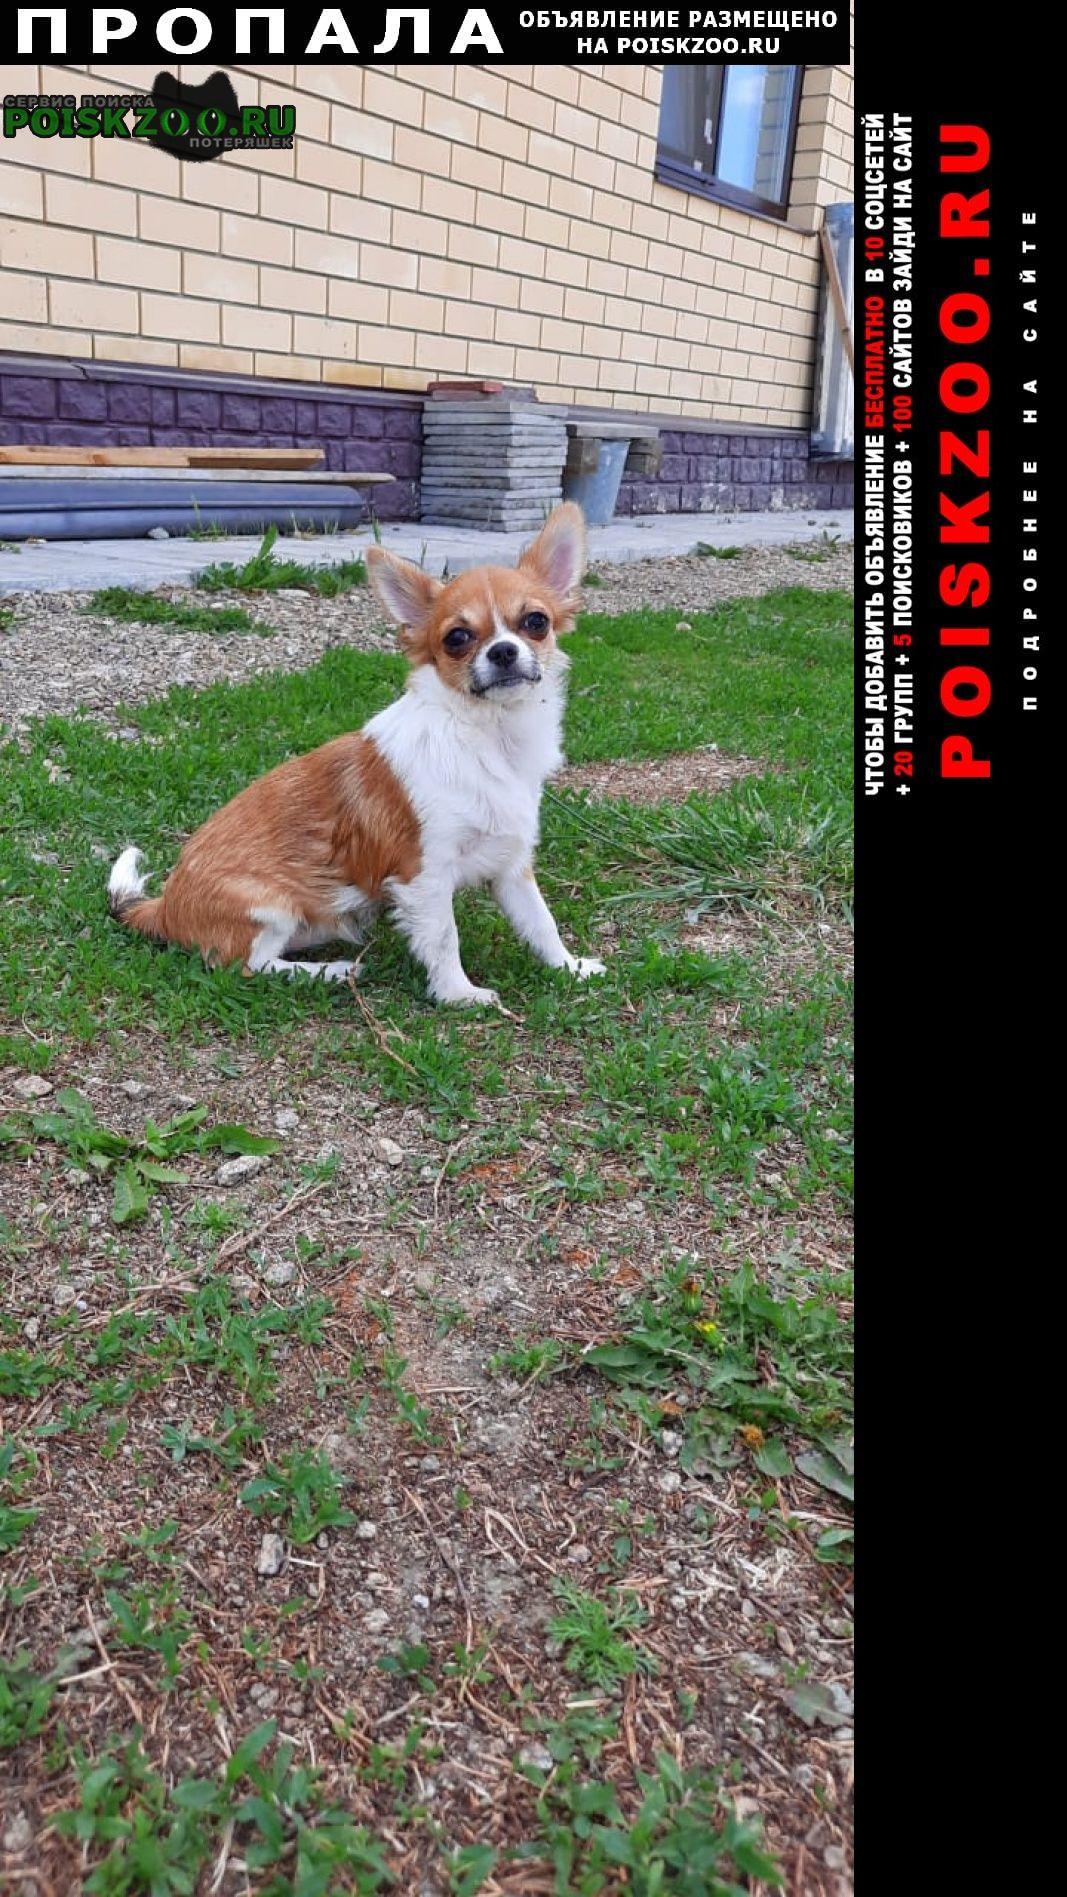 Пропала собака рыже-белая чихуахуа Екатеринбург